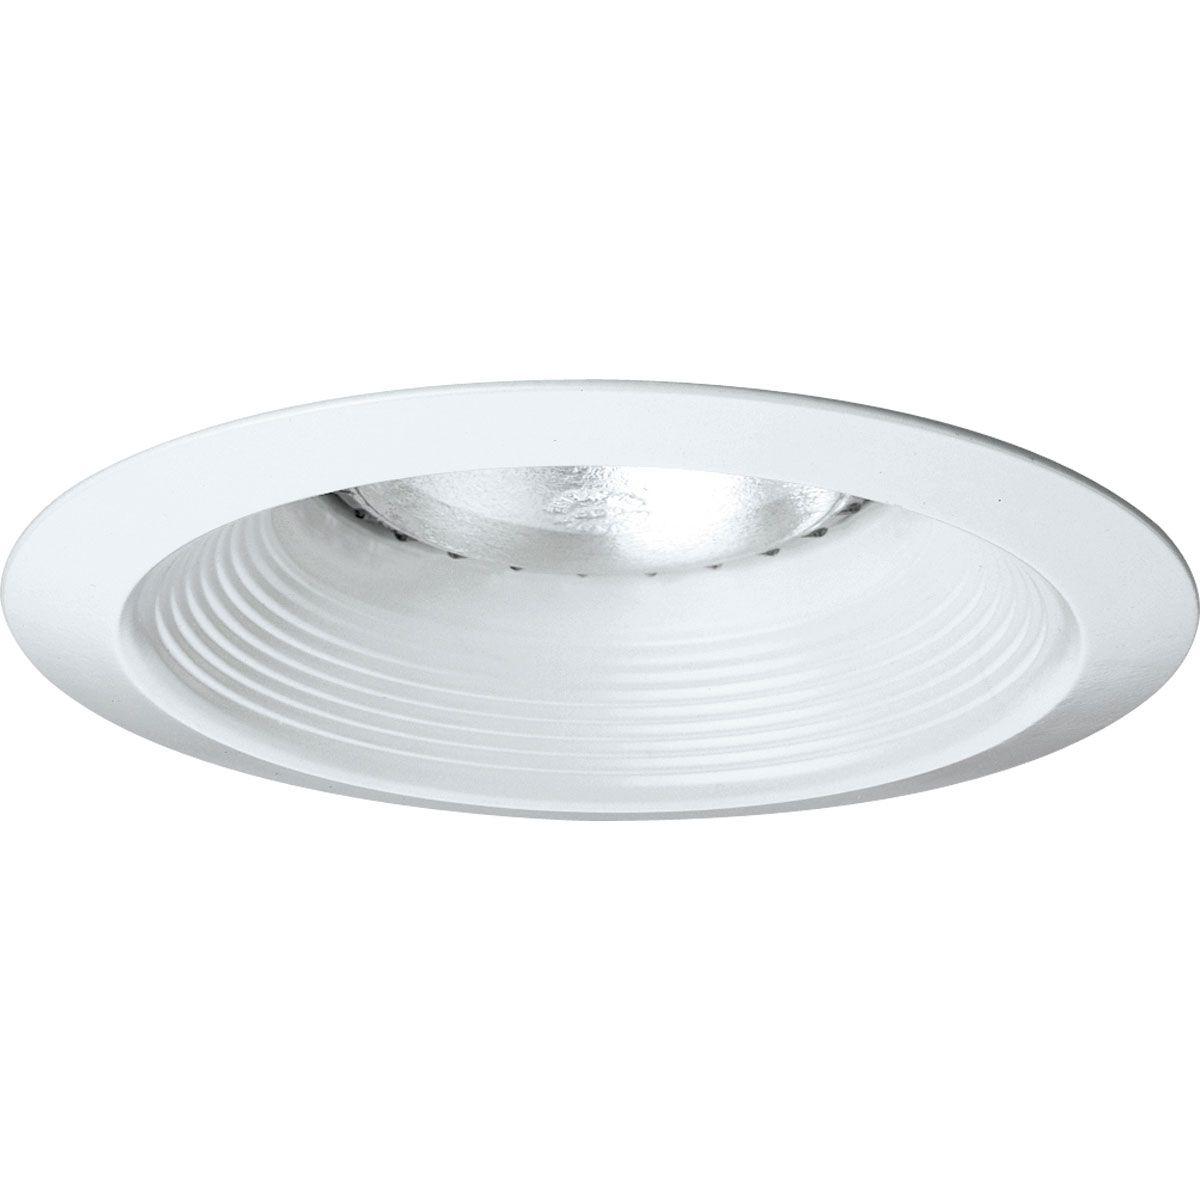 PROP8075-28 LONG NECK BAFFLE; WHITE; 6 INCH NOMINAL APERTURE SIZE; ROUND APERTURE SHAPE; PAR30LN/PAR30 75 W, BR30 65 W, BR30 85 W, A19 40 W, A19 100 W INCANDESCENT LAMP; BR30 85 W, PAR30LN/A19 75 W FLUORESCENT LAMP; INSULATED/NON INSULATED CEILING, PROGRESS